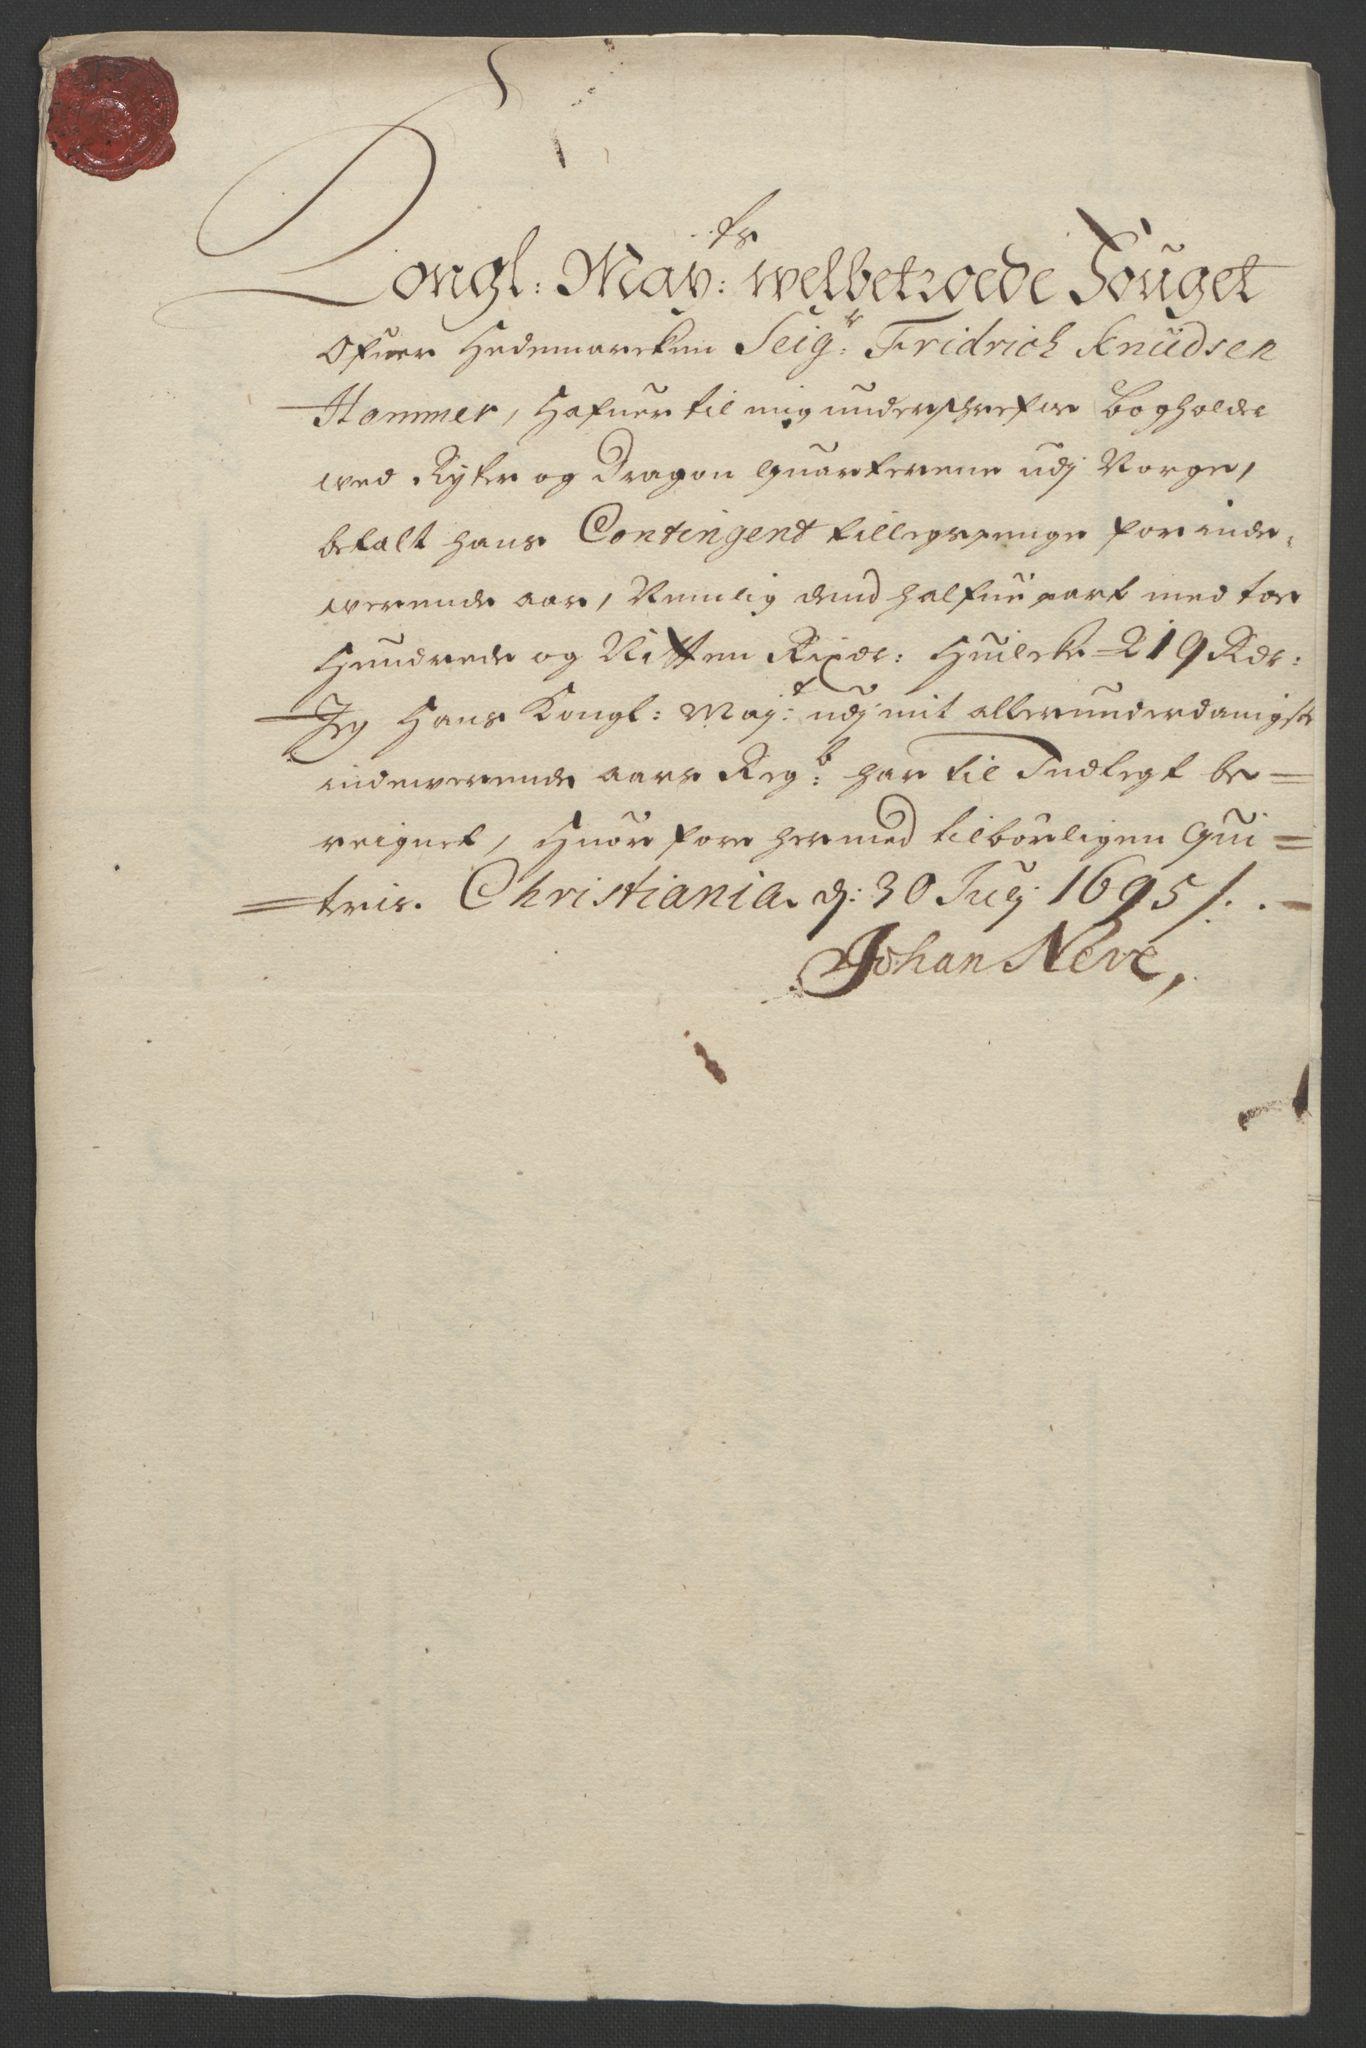 RA, Rentekammeret inntil 1814, Reviderte regnskaper, Fogderegnskap, R16/L1036: Fogderegnskap Hedmark, 1695-1696, s. 136